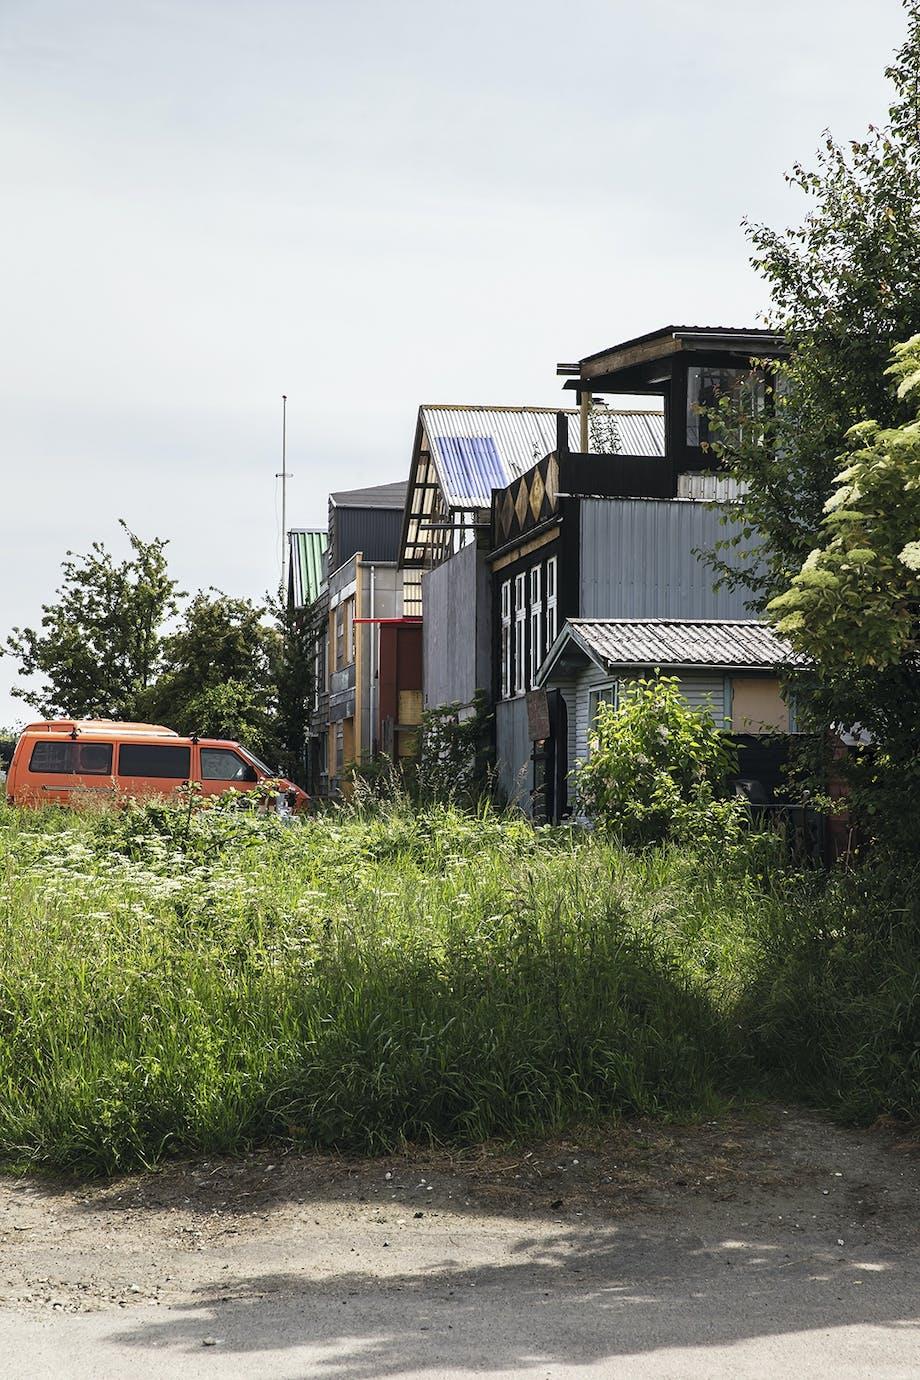 Sydhavnen facade træhus